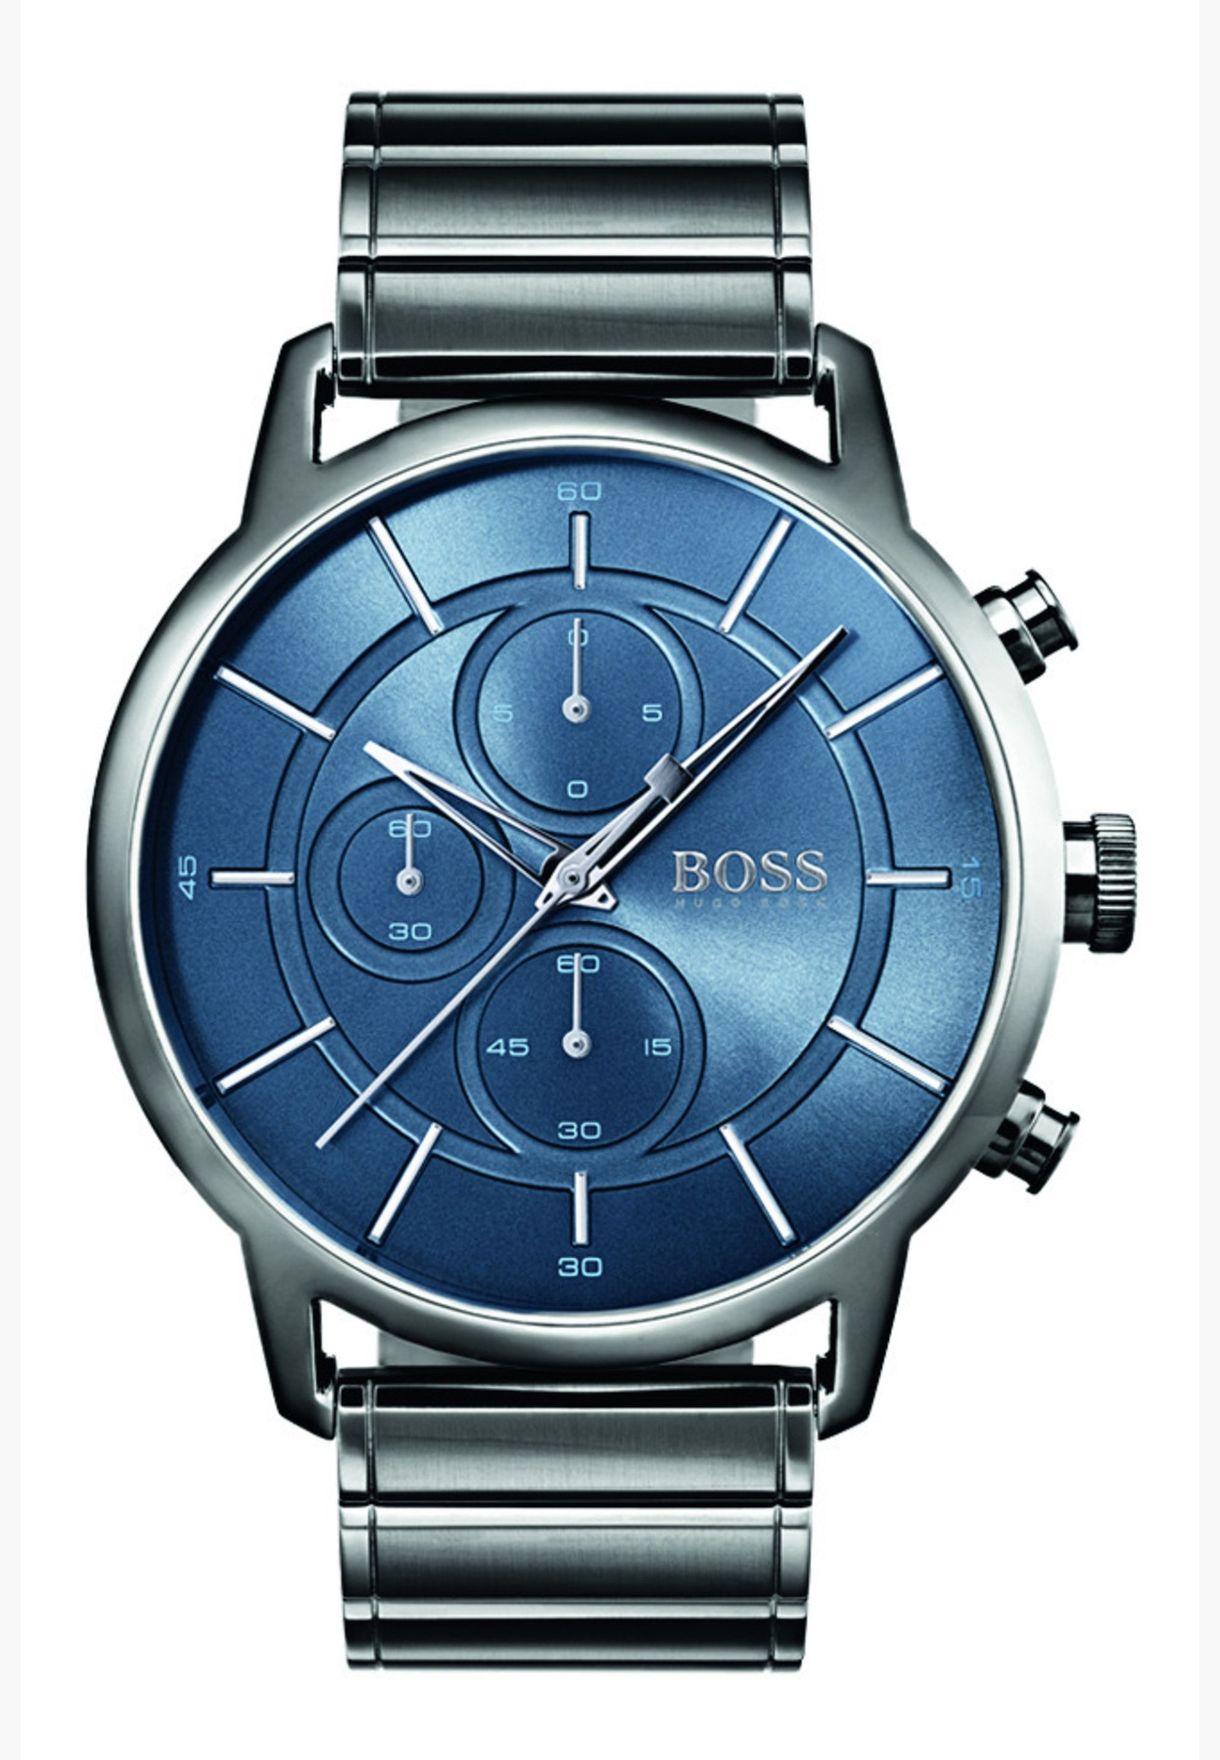 هيوغو بوس ساعة أركيتكتشرال للرجال بسوار من الستانلس ستيل - 1513574